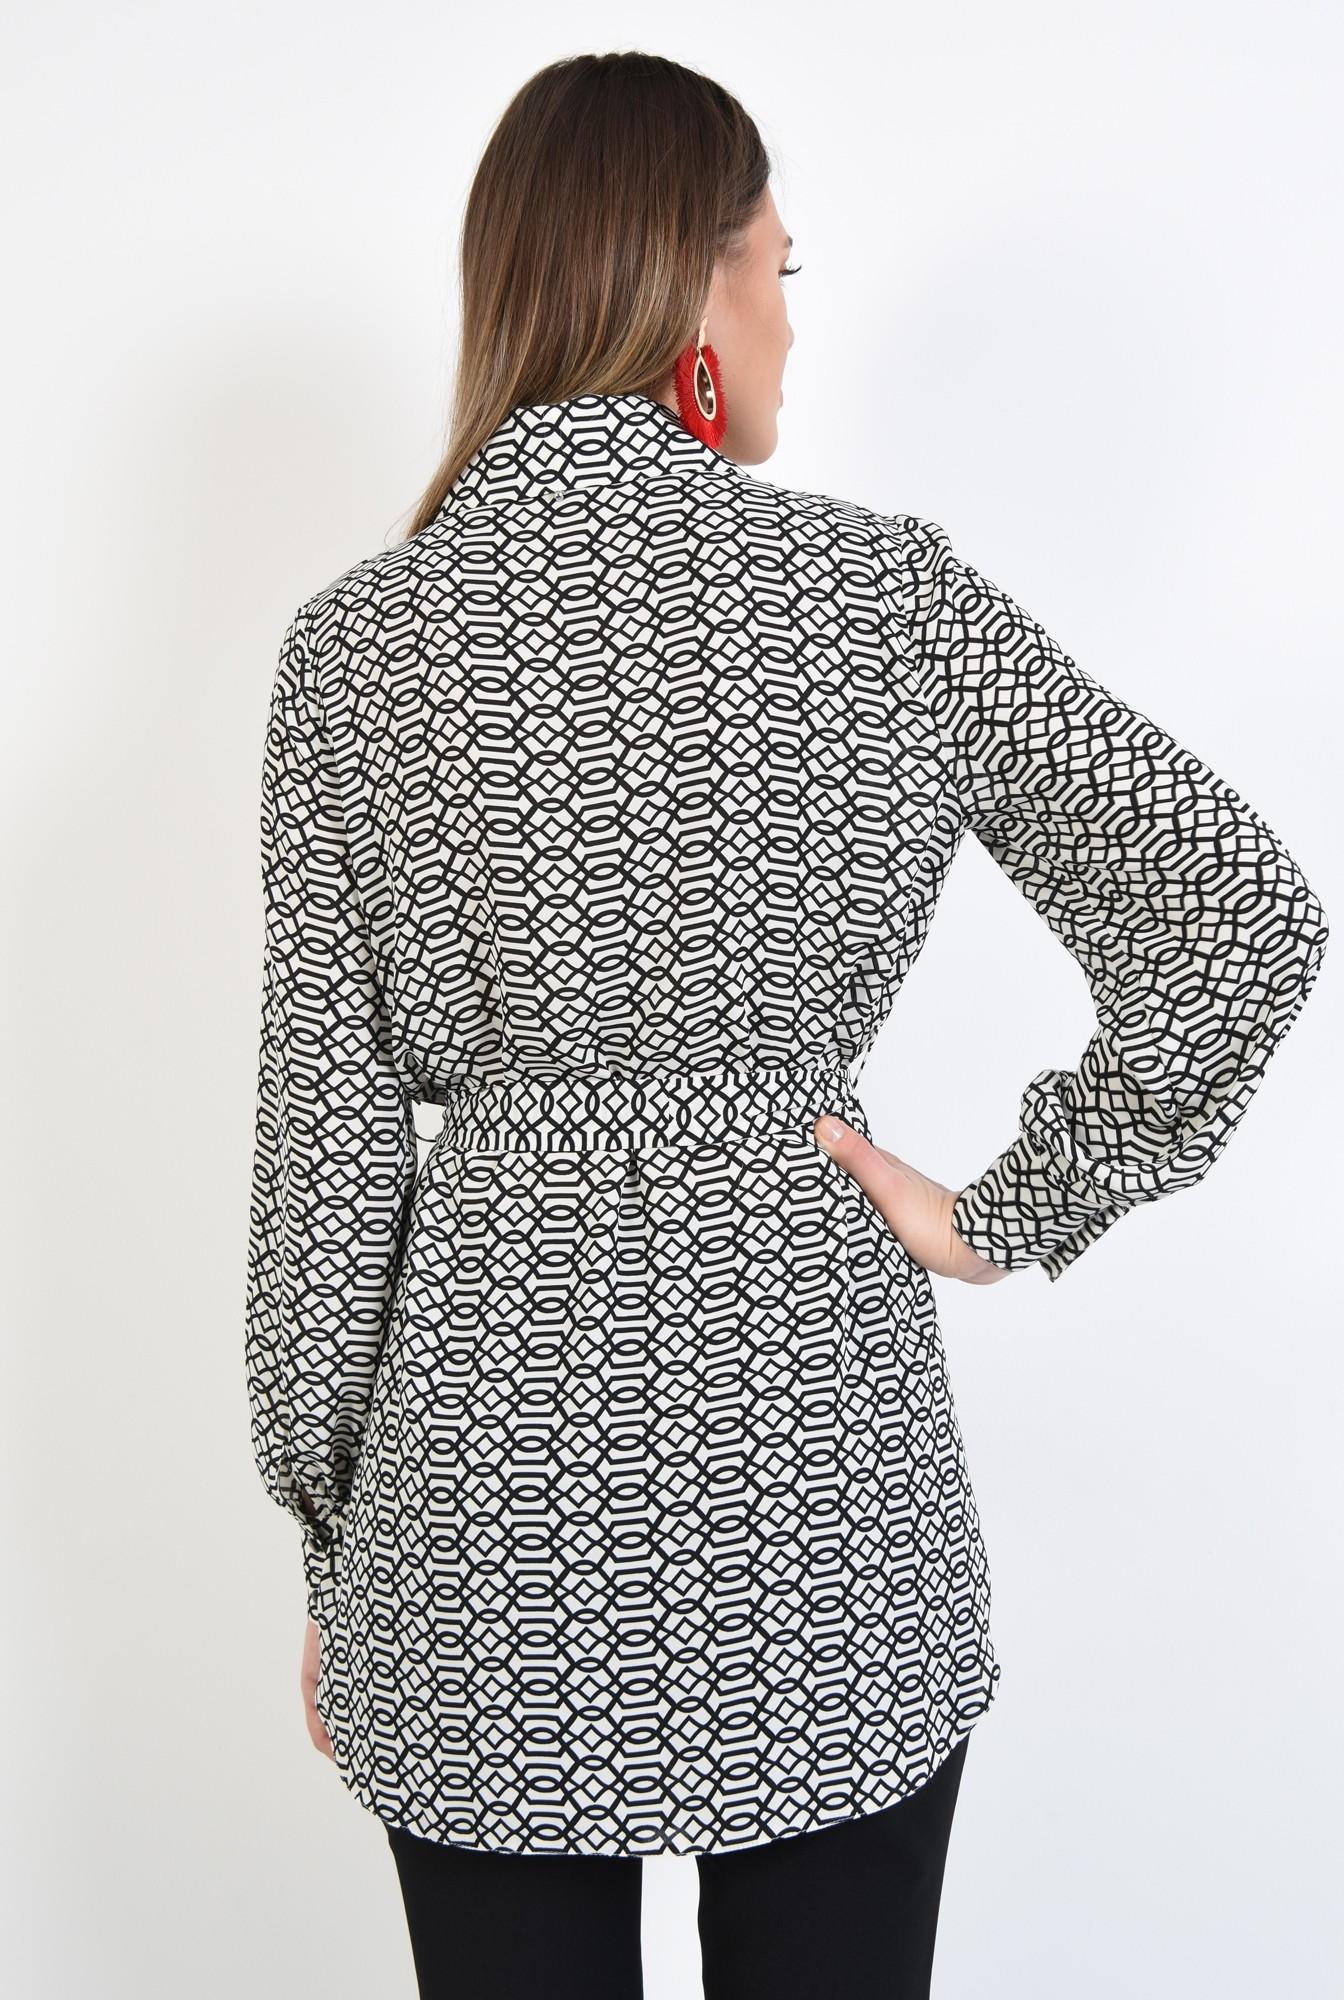 1 - camasa casual, stil tunica, lunga, alb-negru, cu cordon